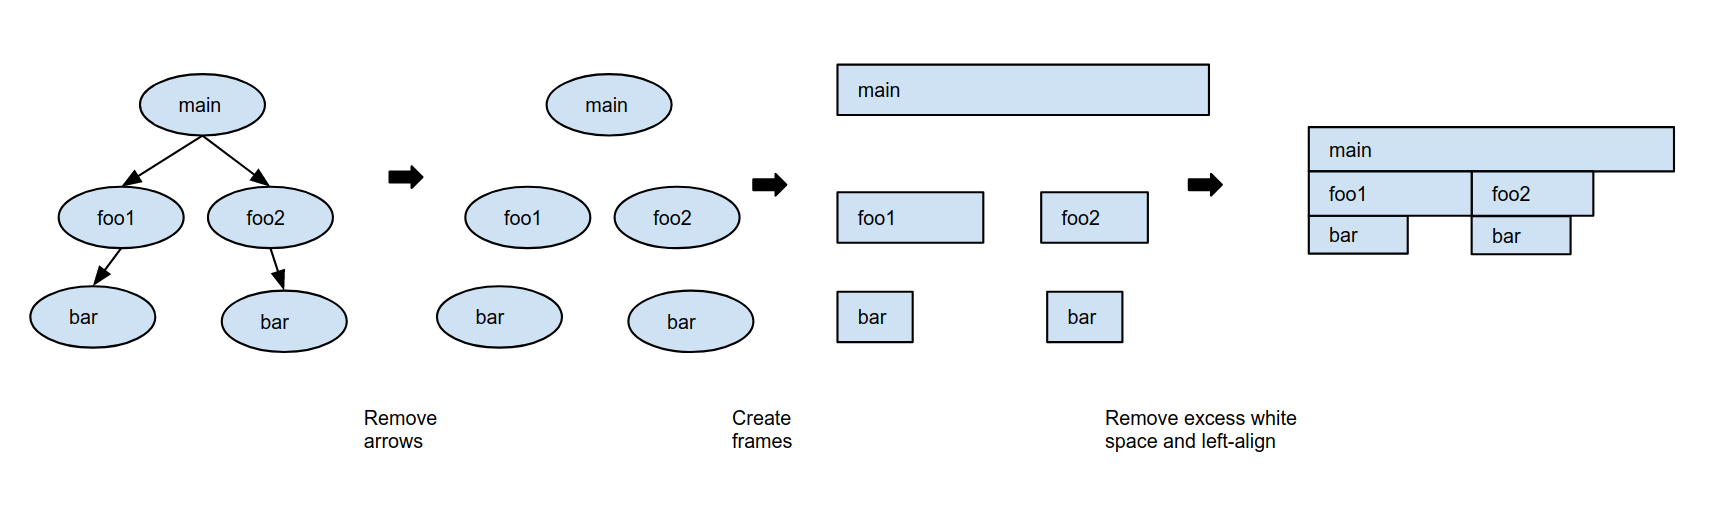 Flame-Diagramm erstellen